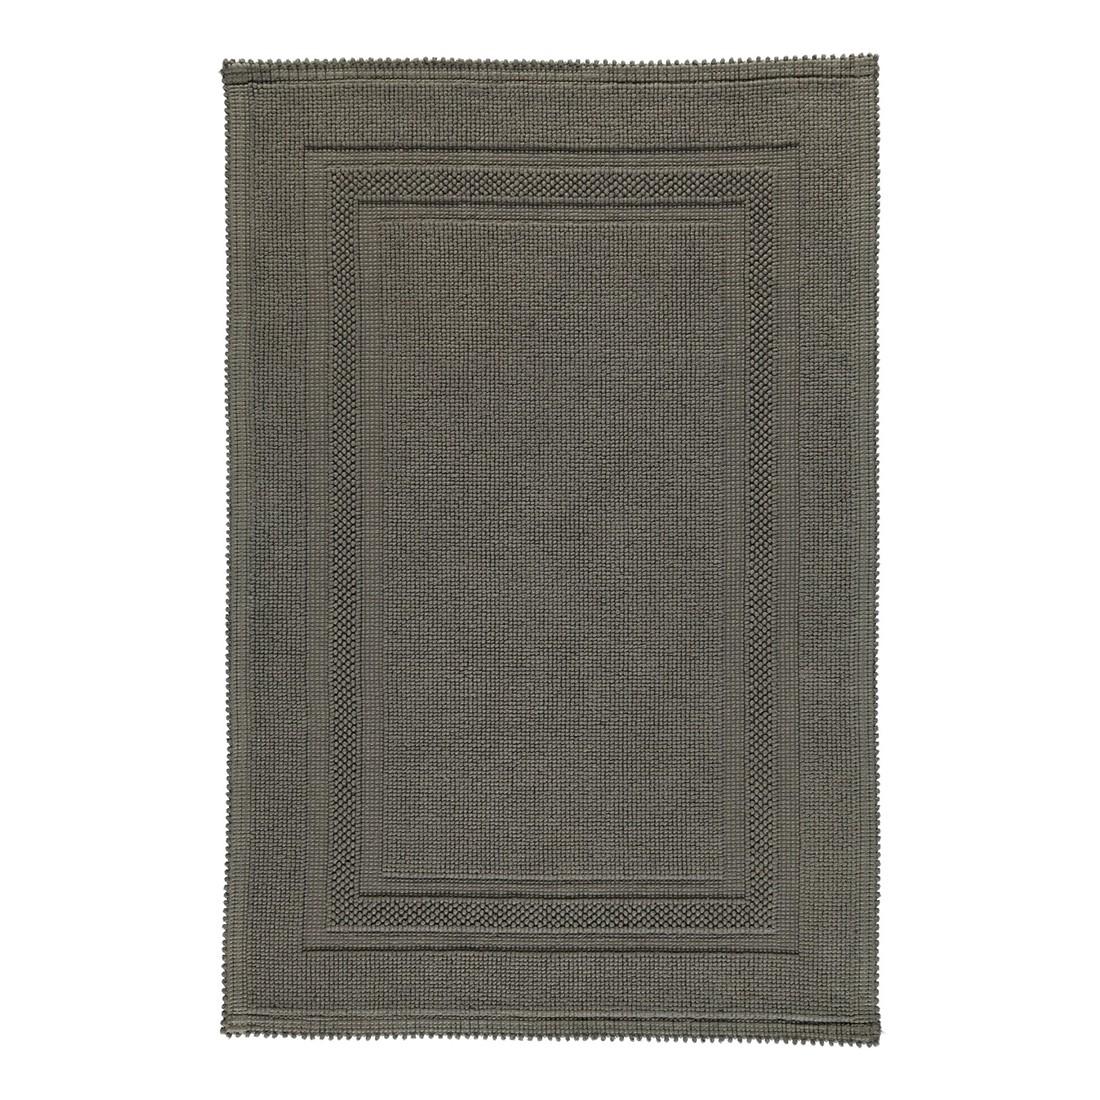 Badteppich Grace – 100% Baumwolle moor – 346 – 50 x 70 cm, Rhomtuft online kaufen